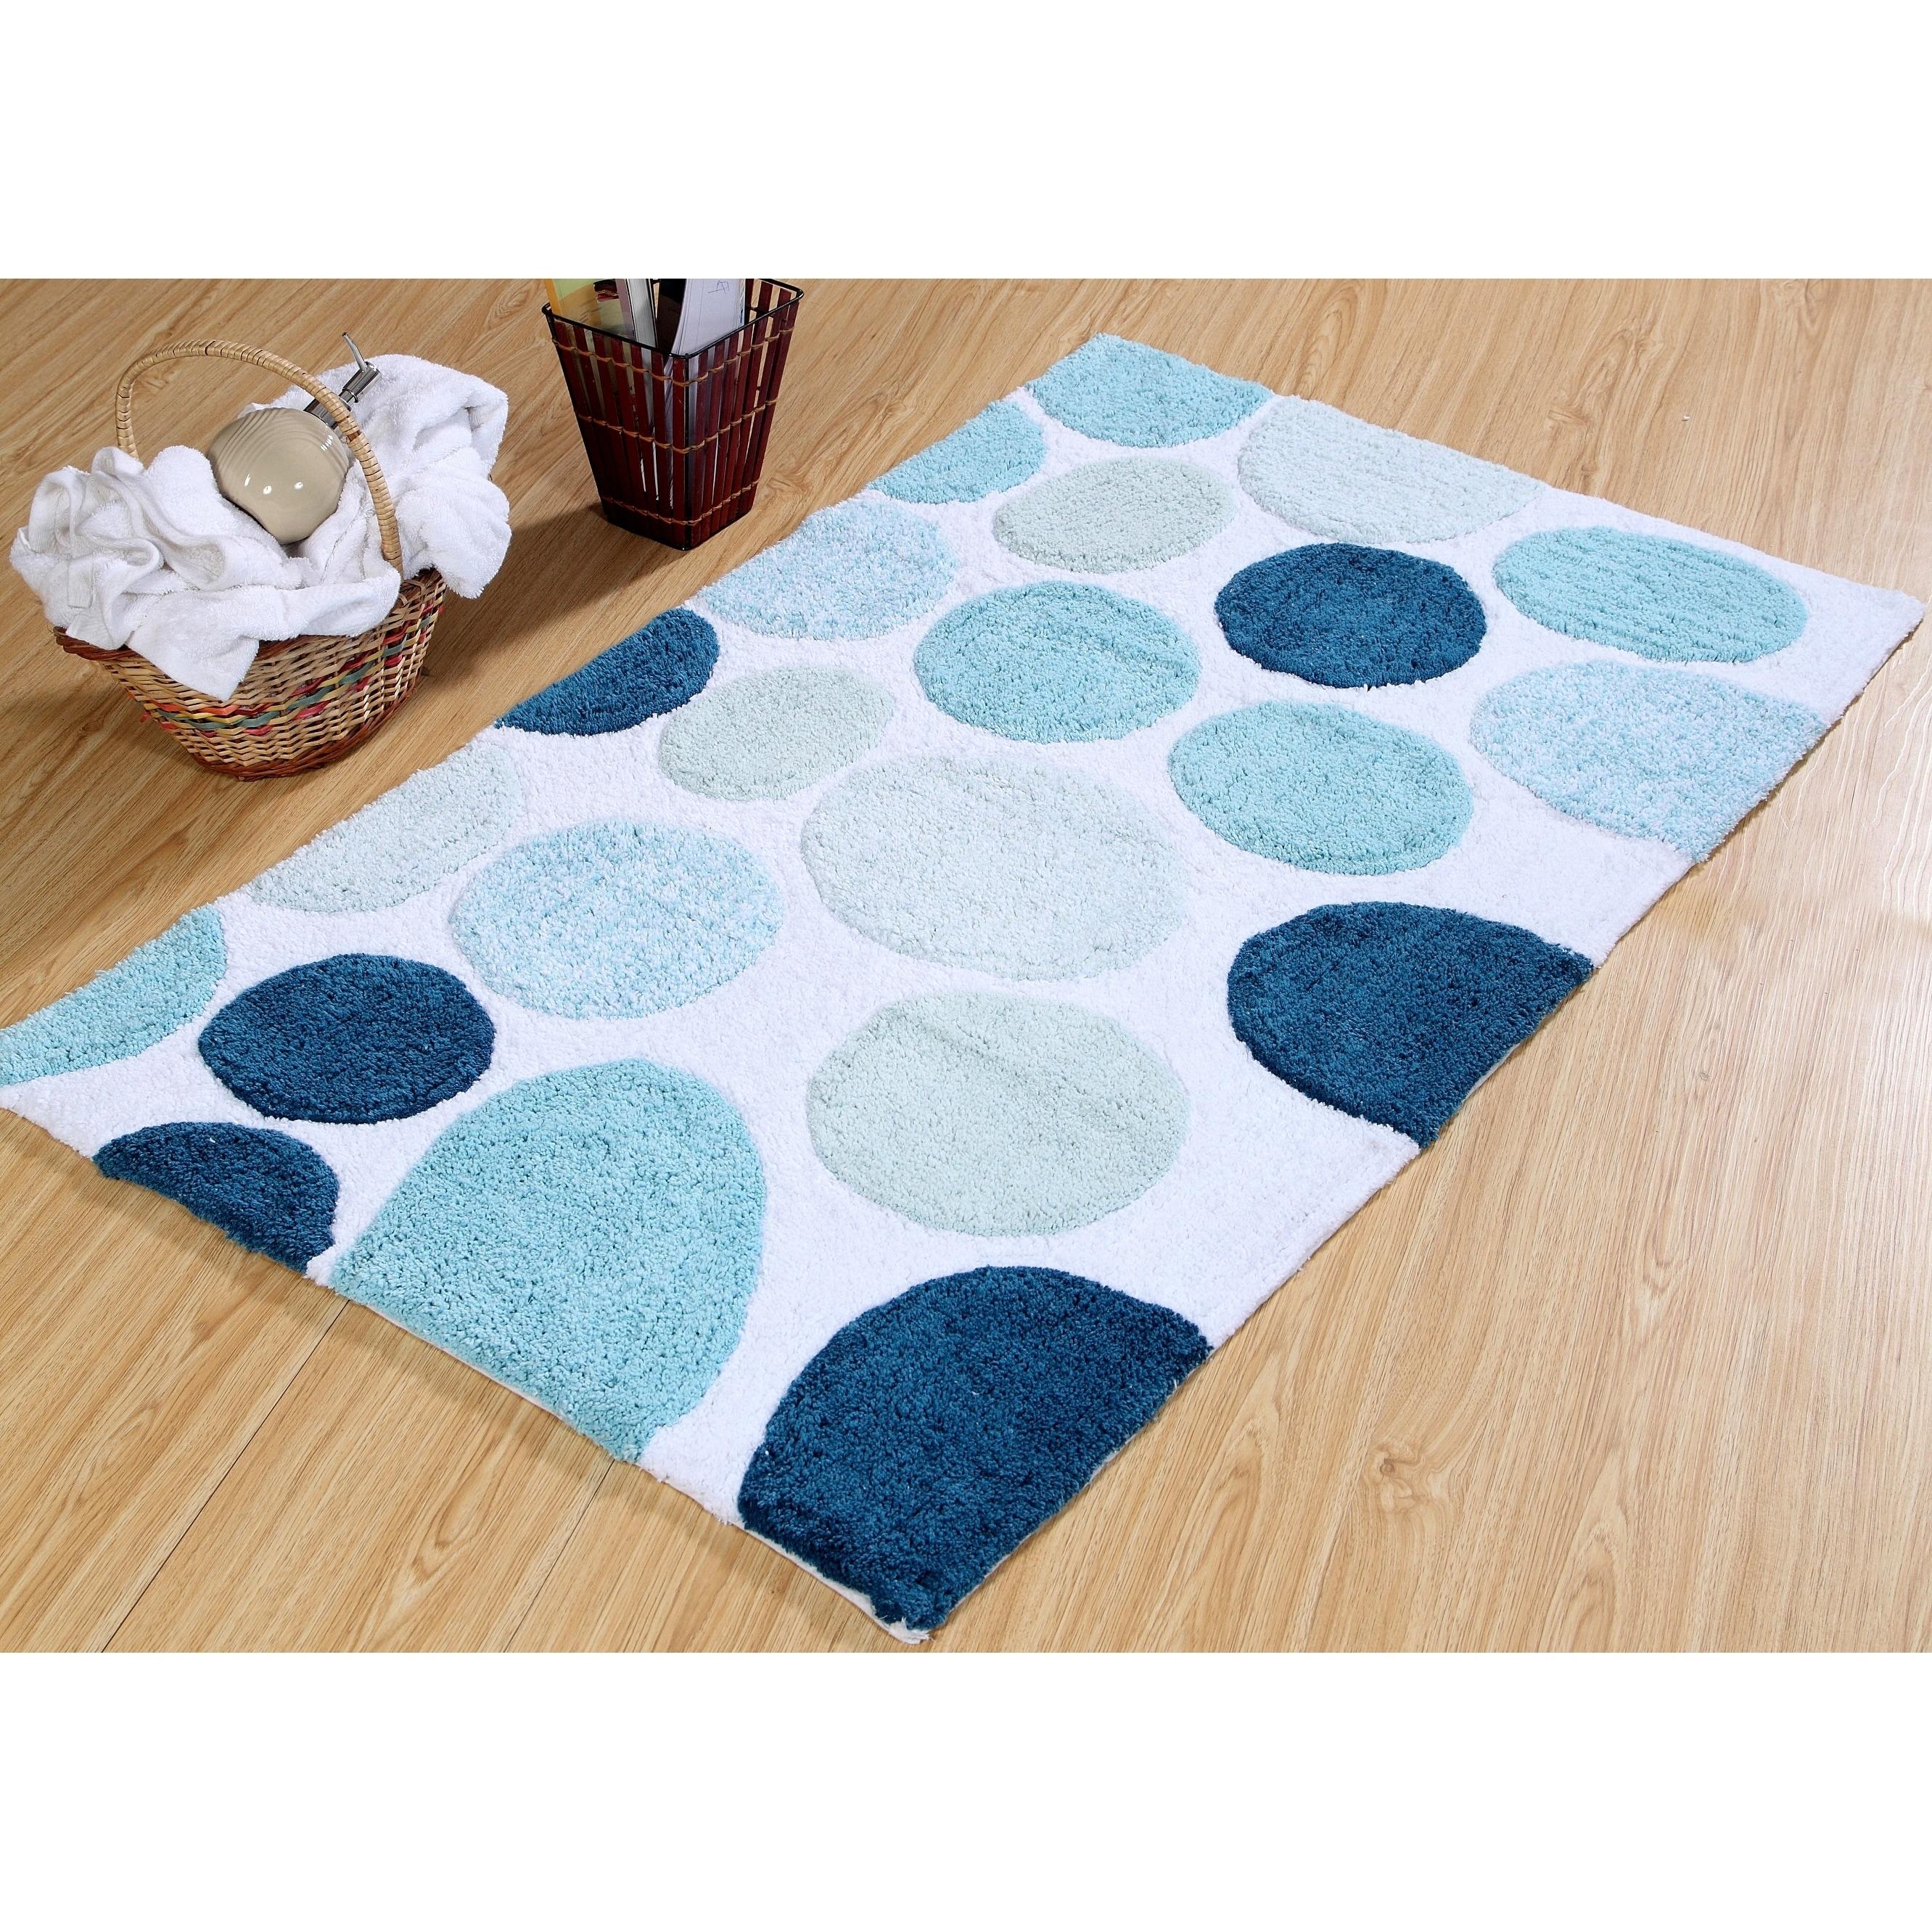 Bath Rug Cotton Non Skid Backing Multicolor Pebble Stone